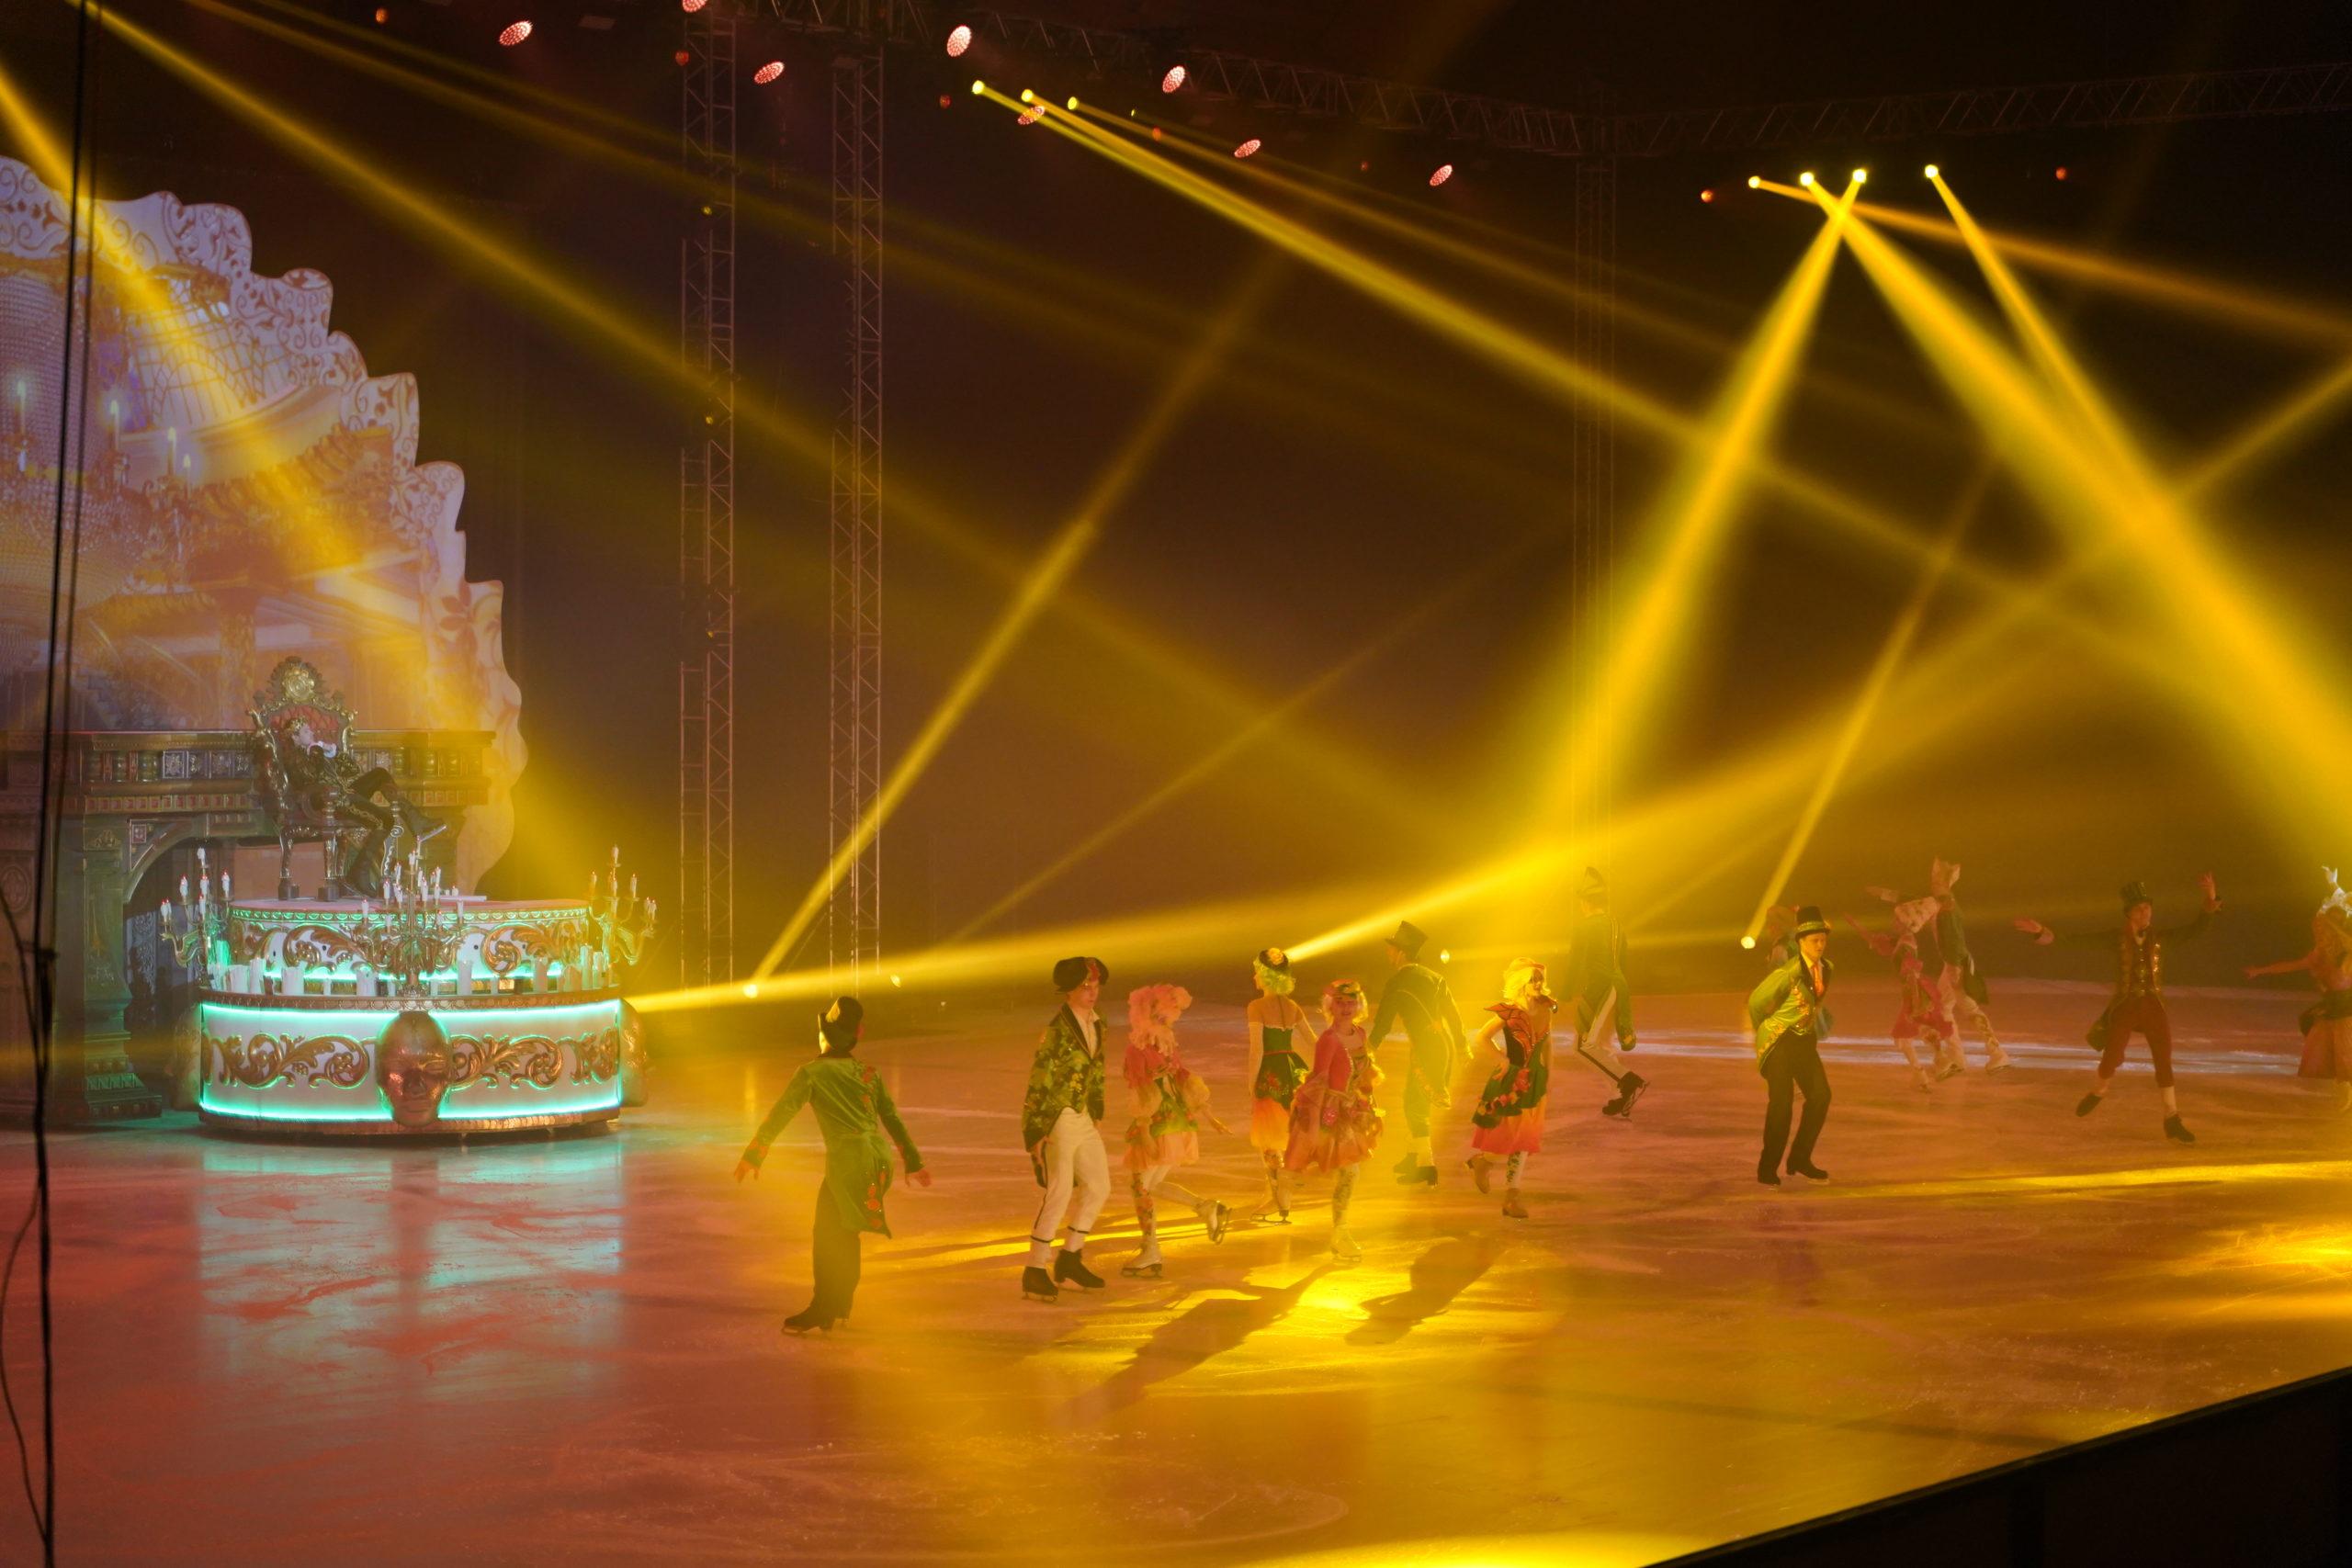 В Тверской области дети из семей медиков и соцработников смогли побывать на ледовом шоу Татьяны Навки